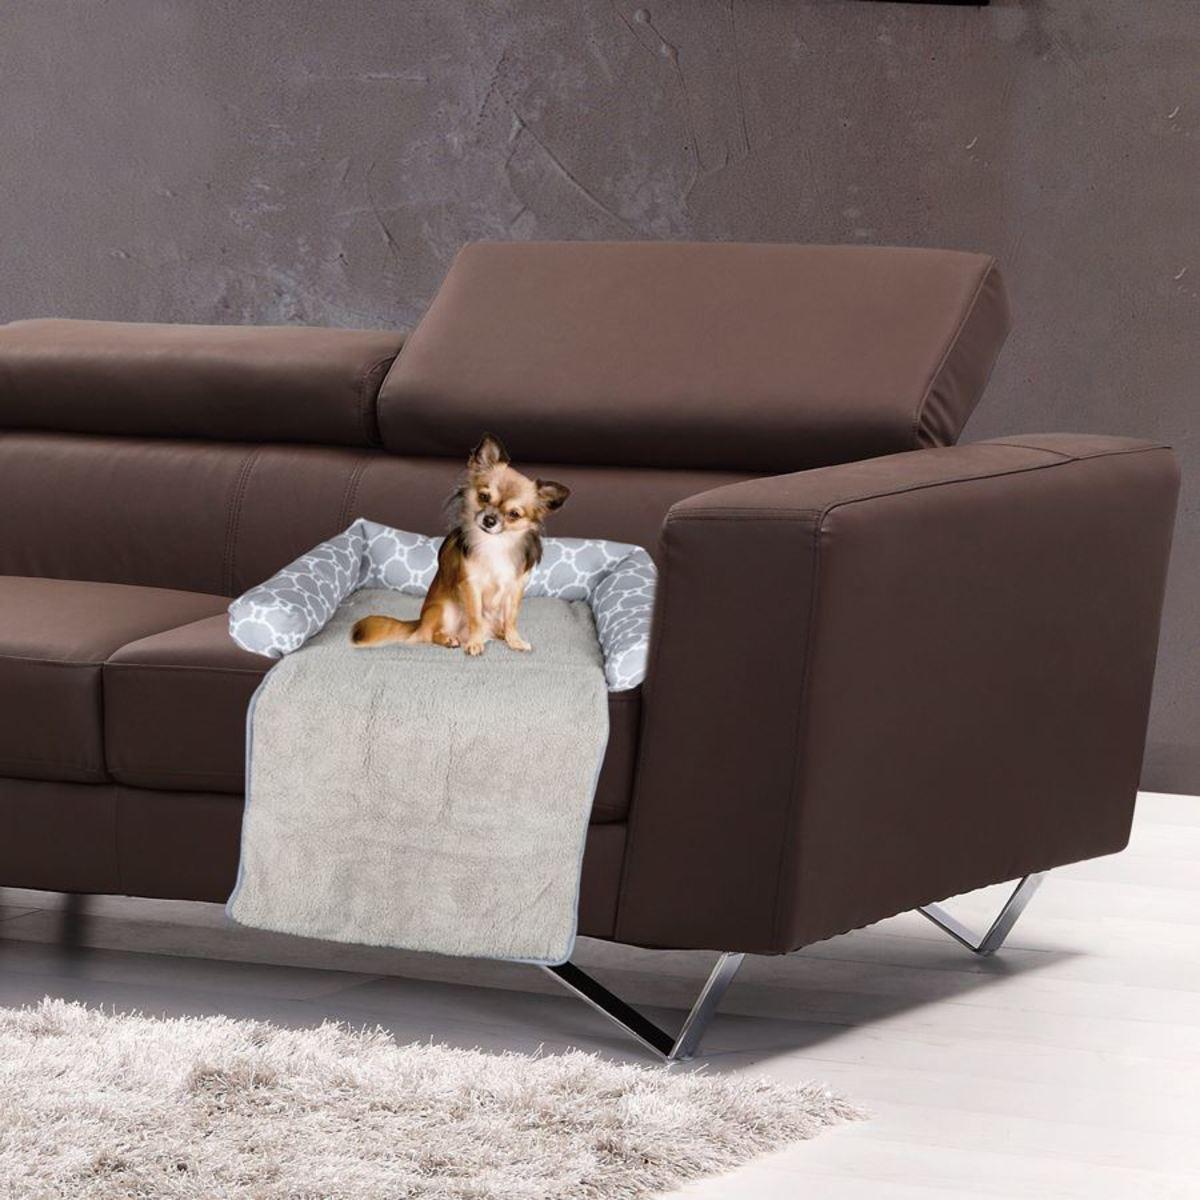 Bild 2 von Hundebett-Sofaschutz Größe S